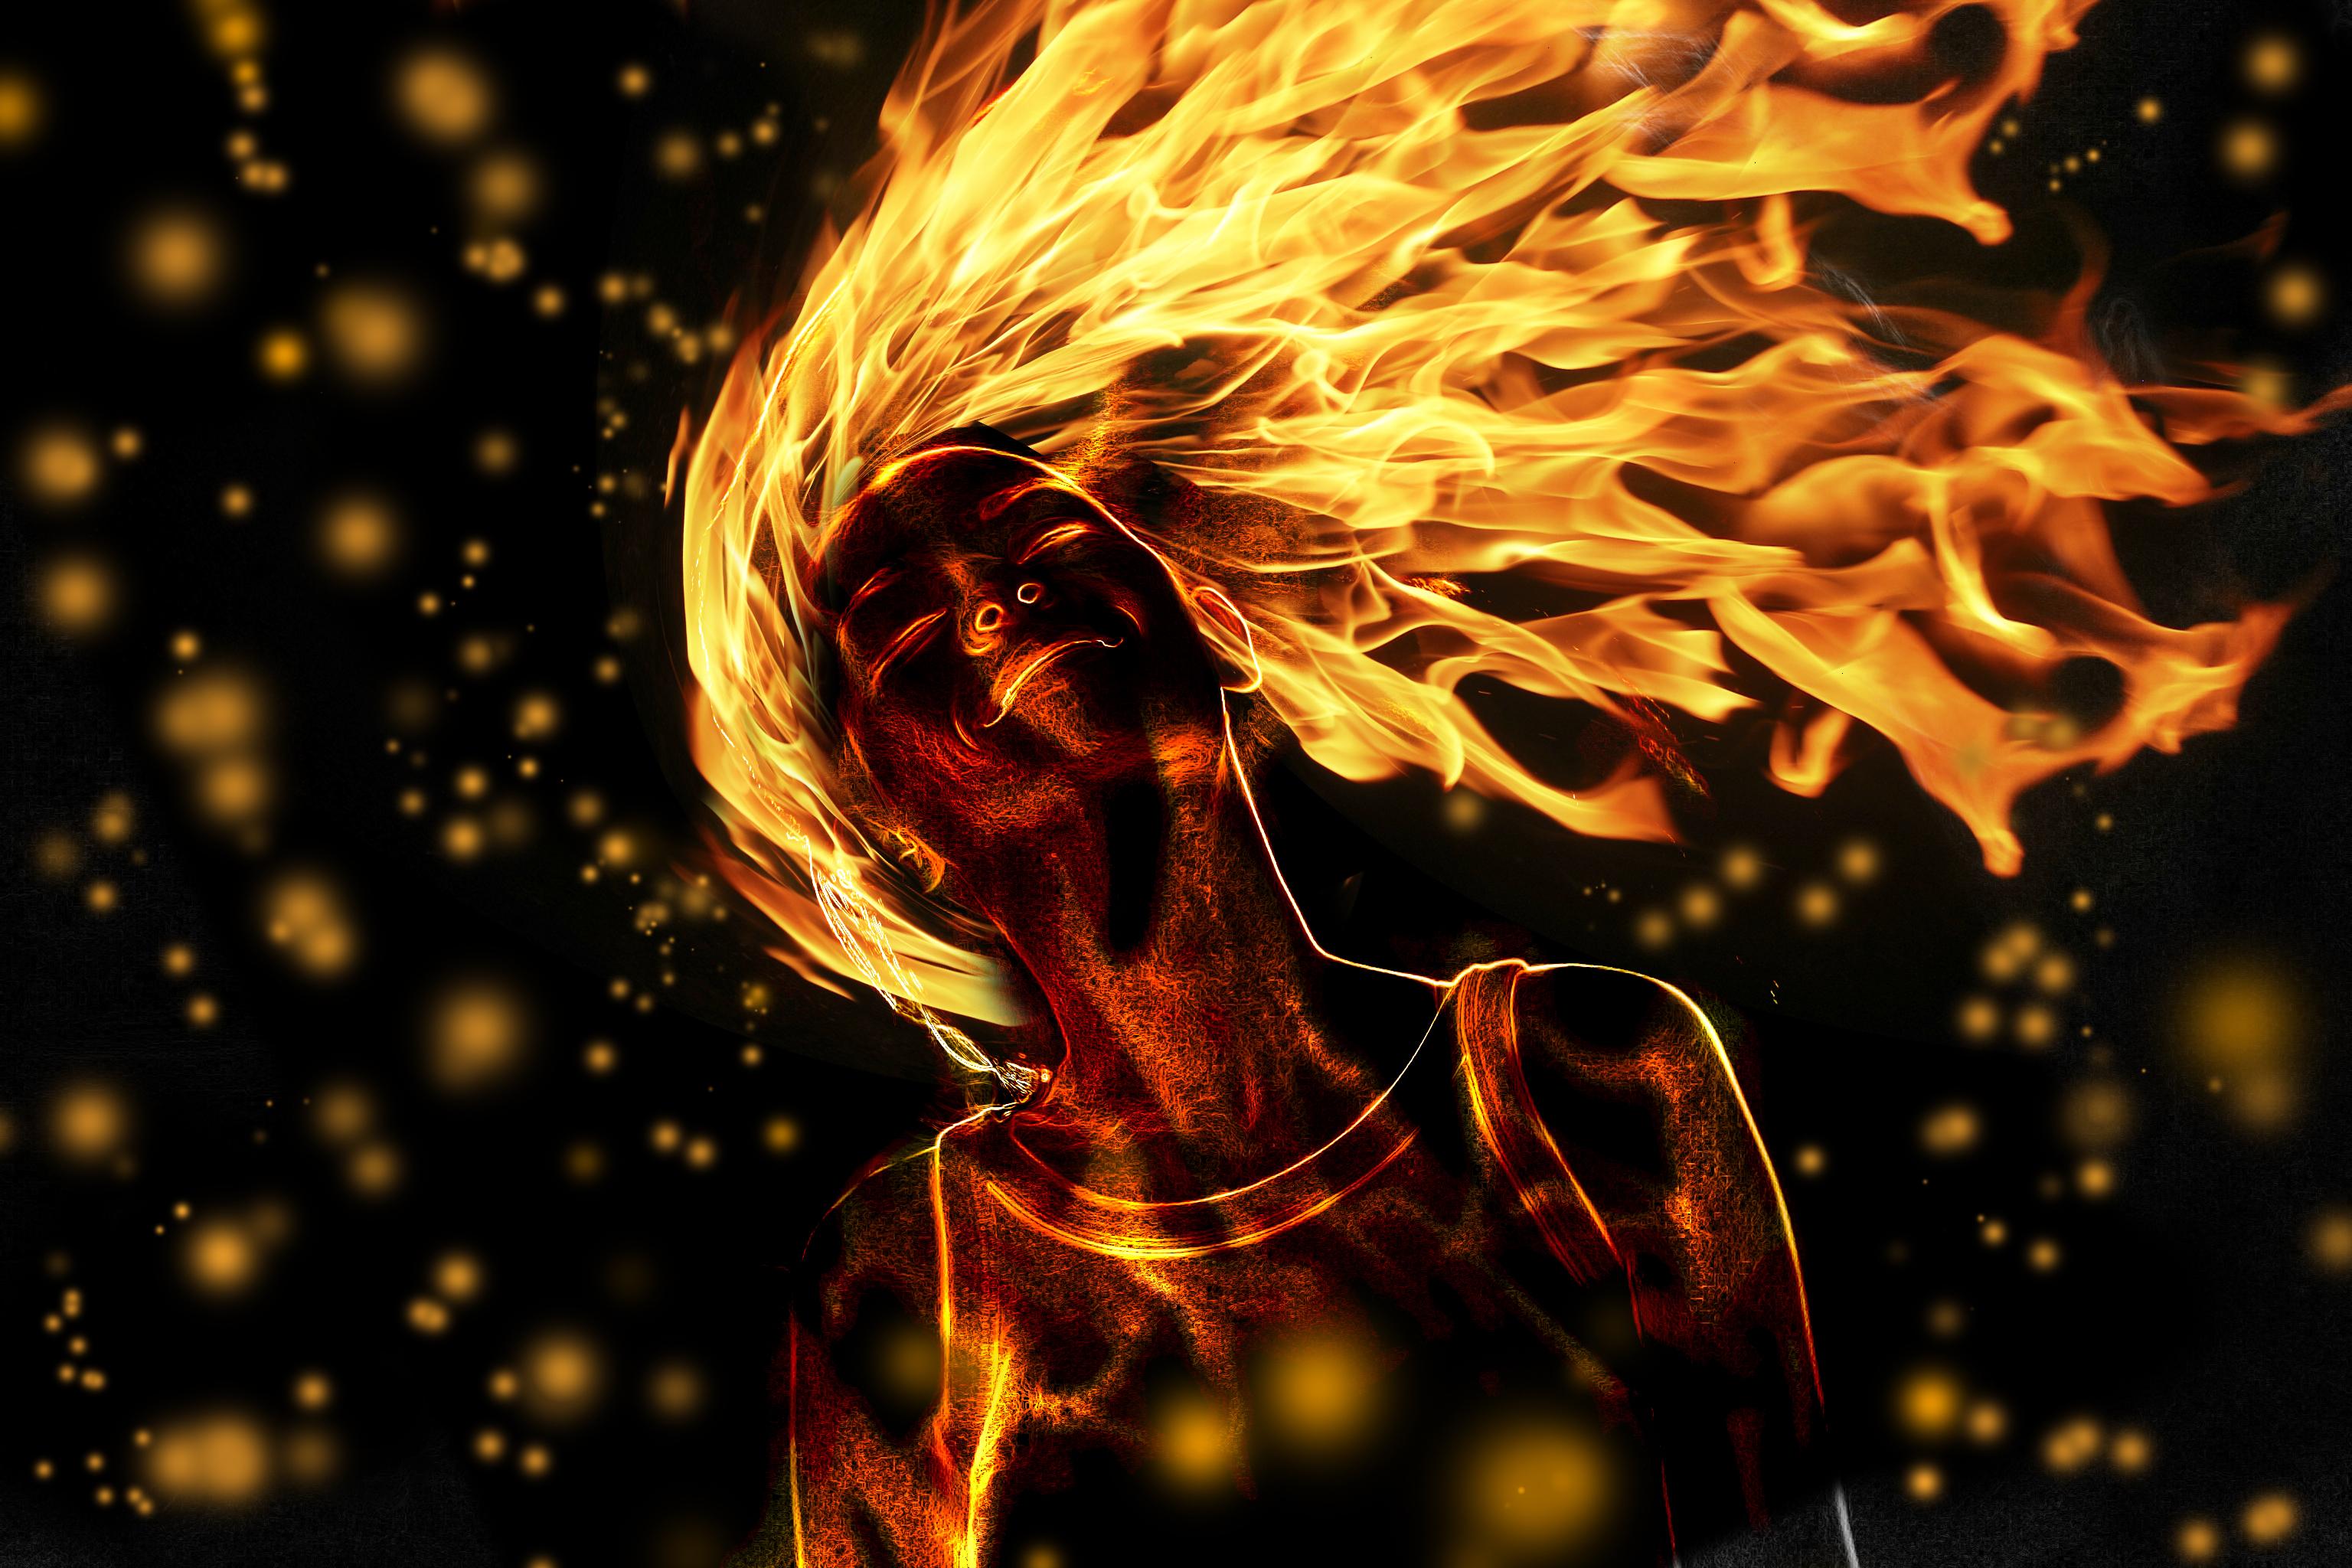 Fire 3072x2048